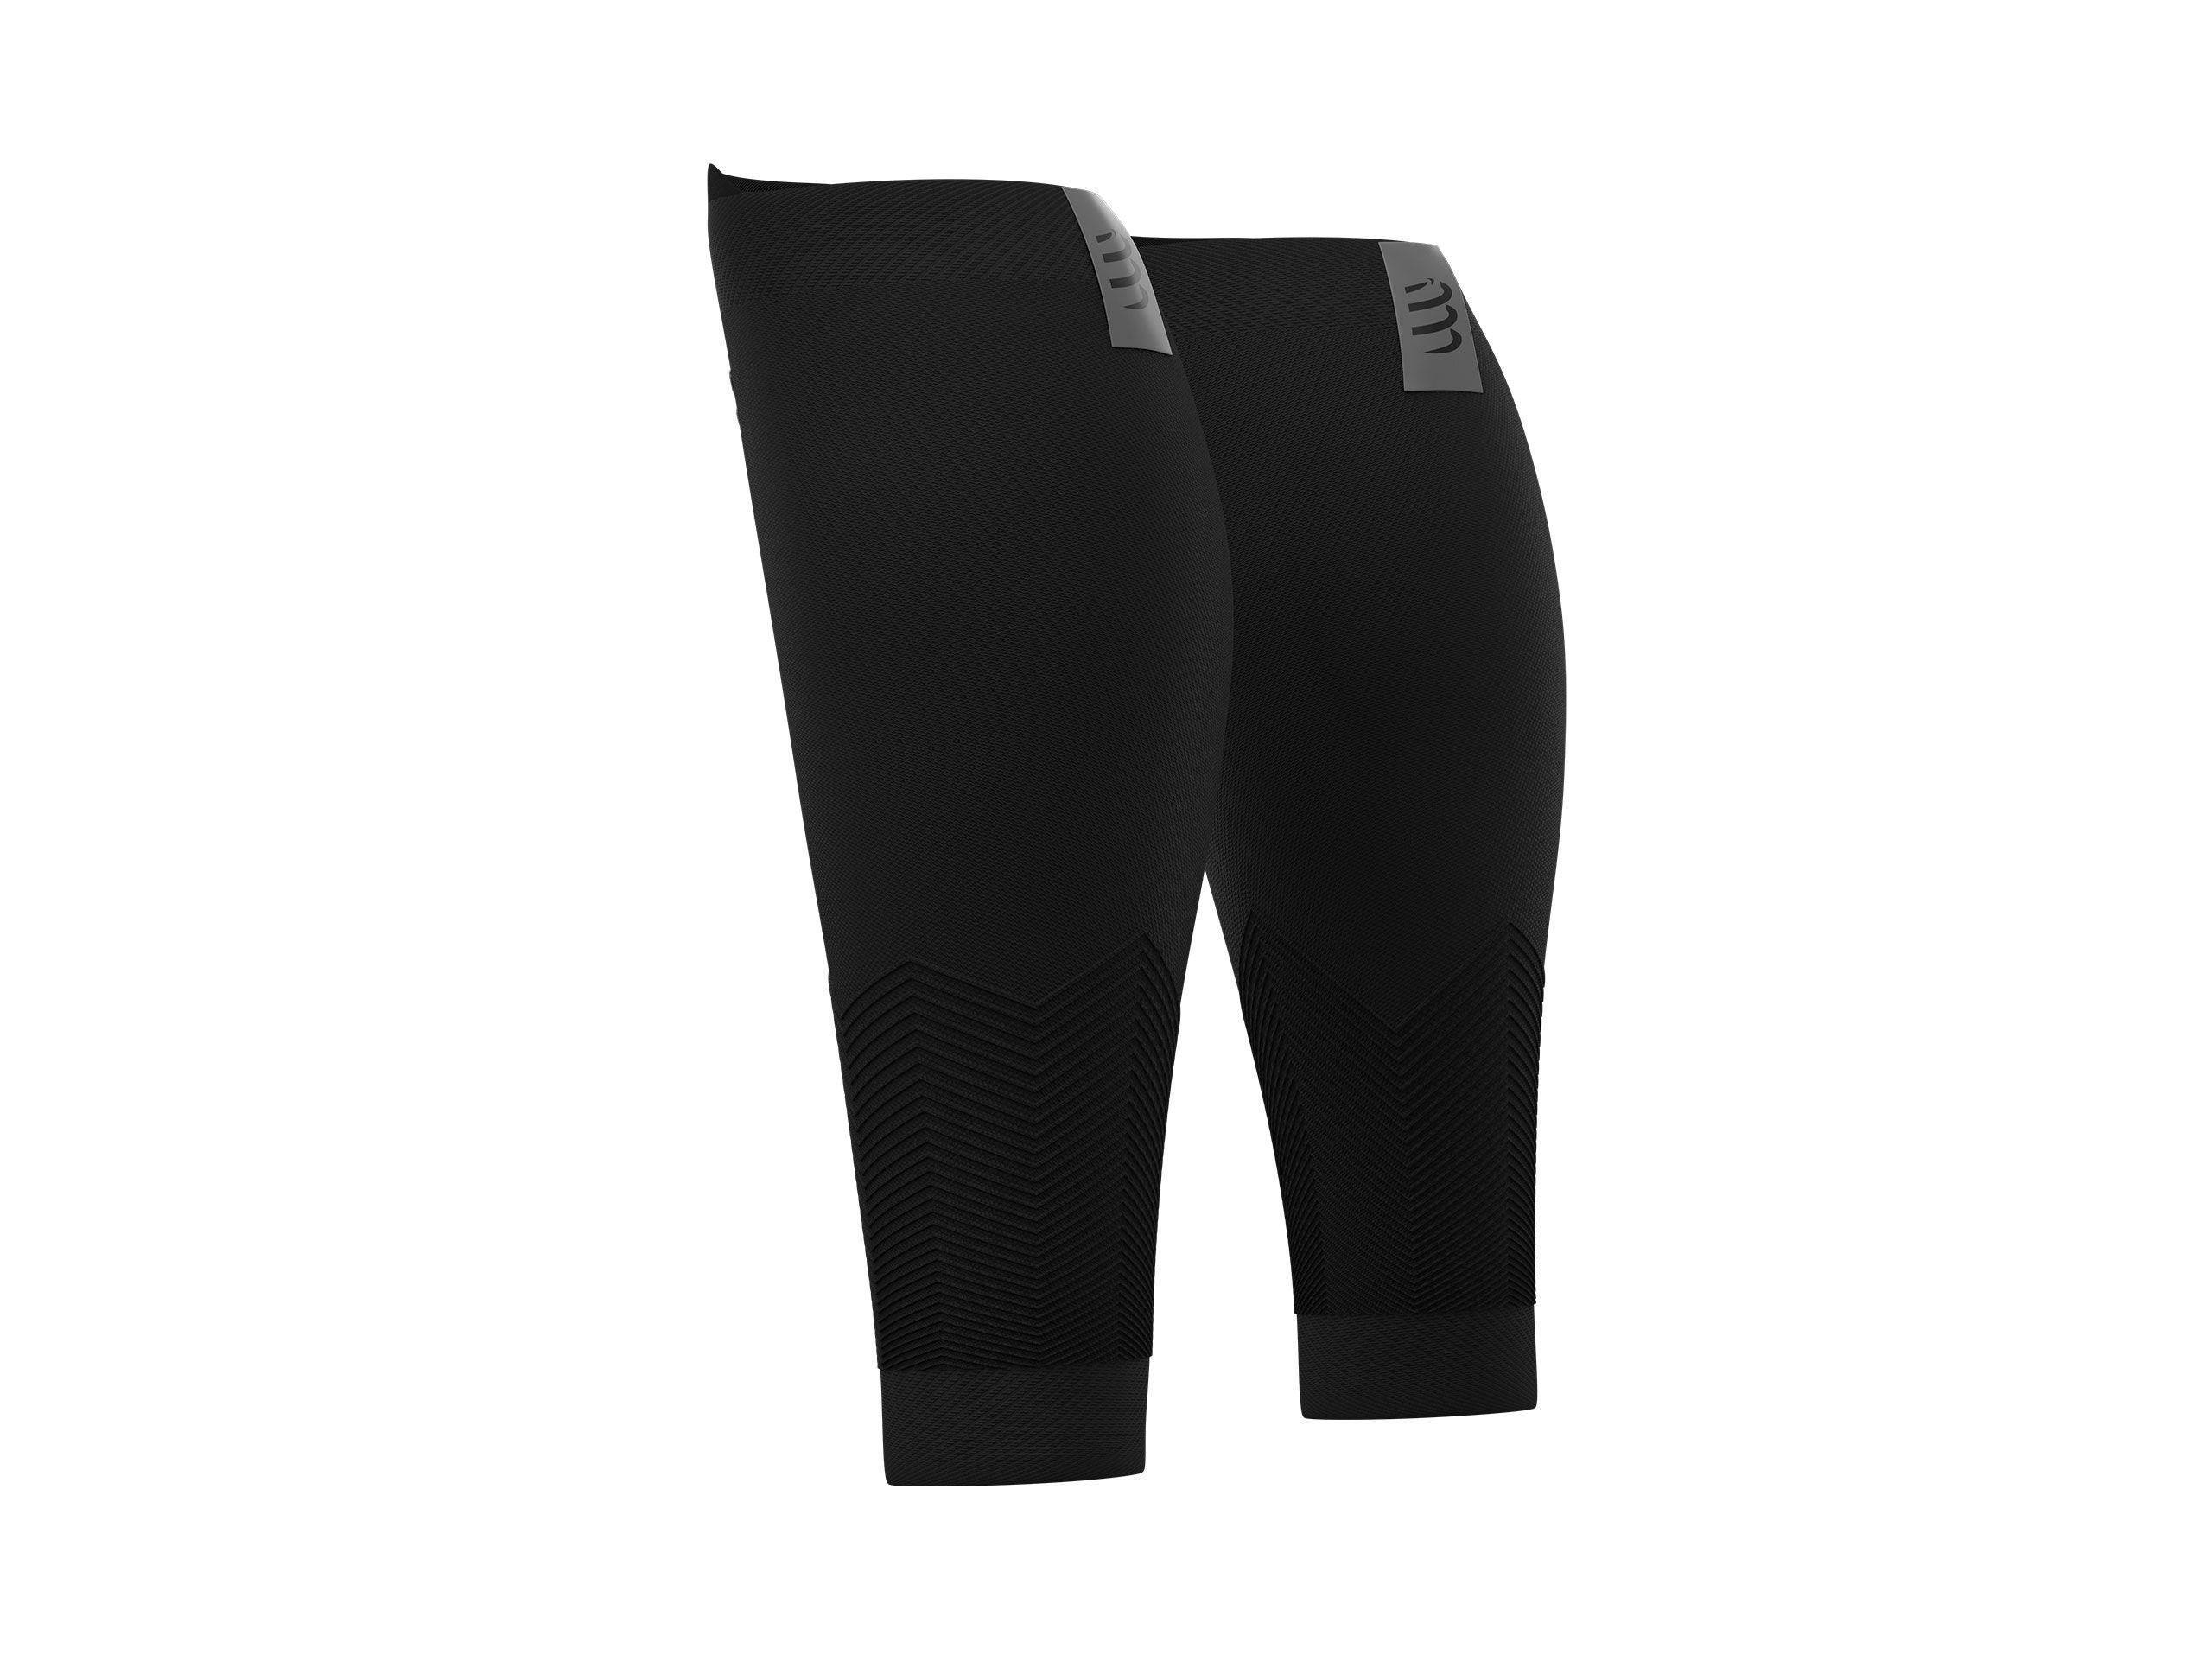 R2v2 flash calf sleeves black